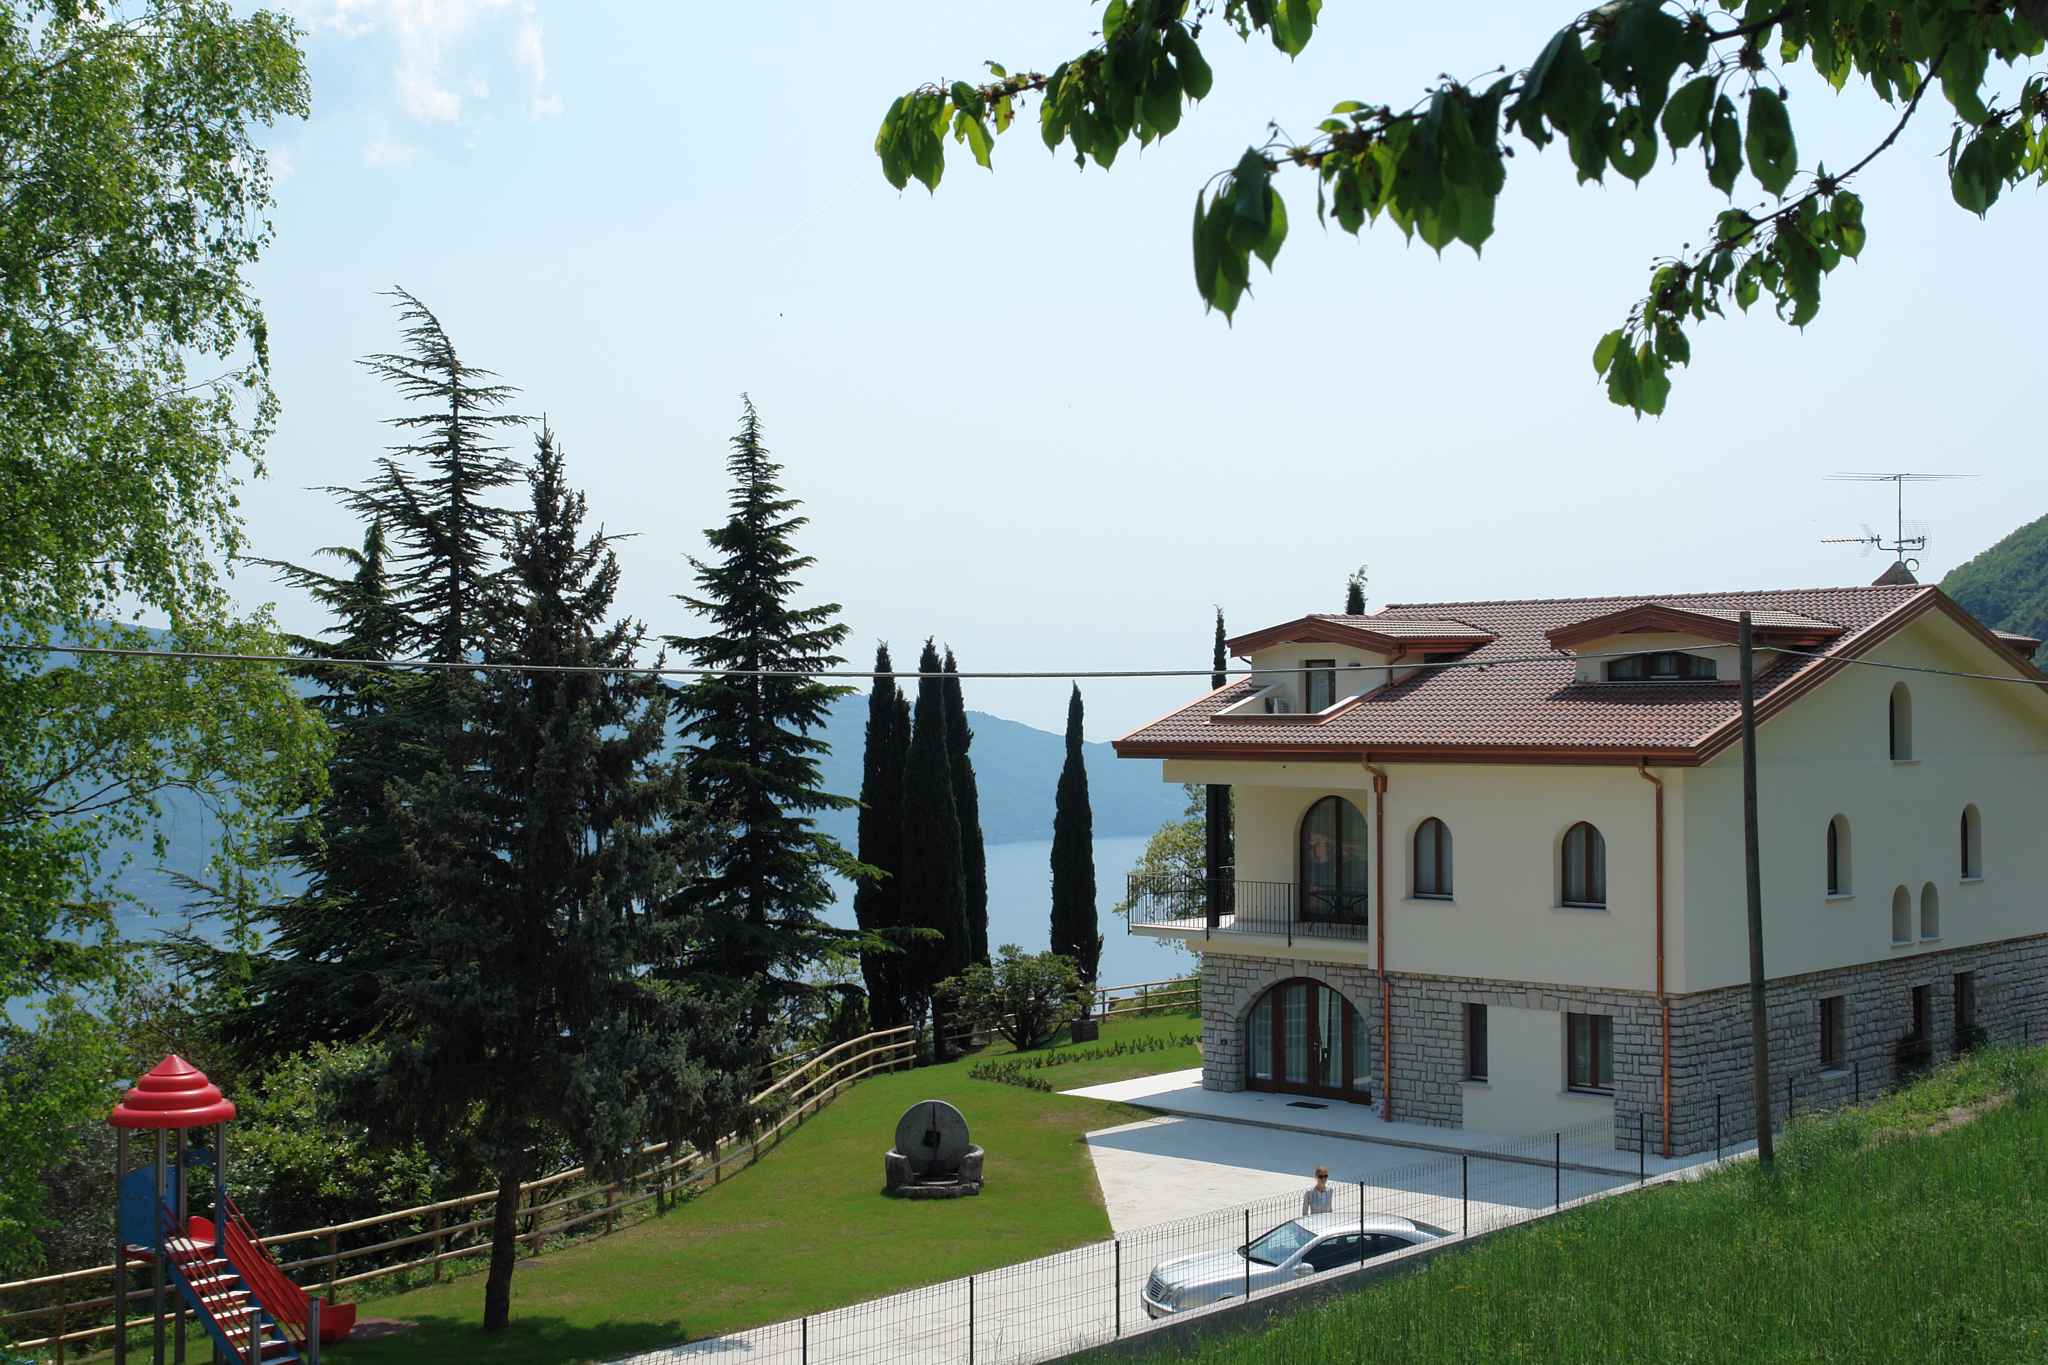 Ferienwohnung mit Blick auf den Gardasee   Gardasee - Lago di Garda